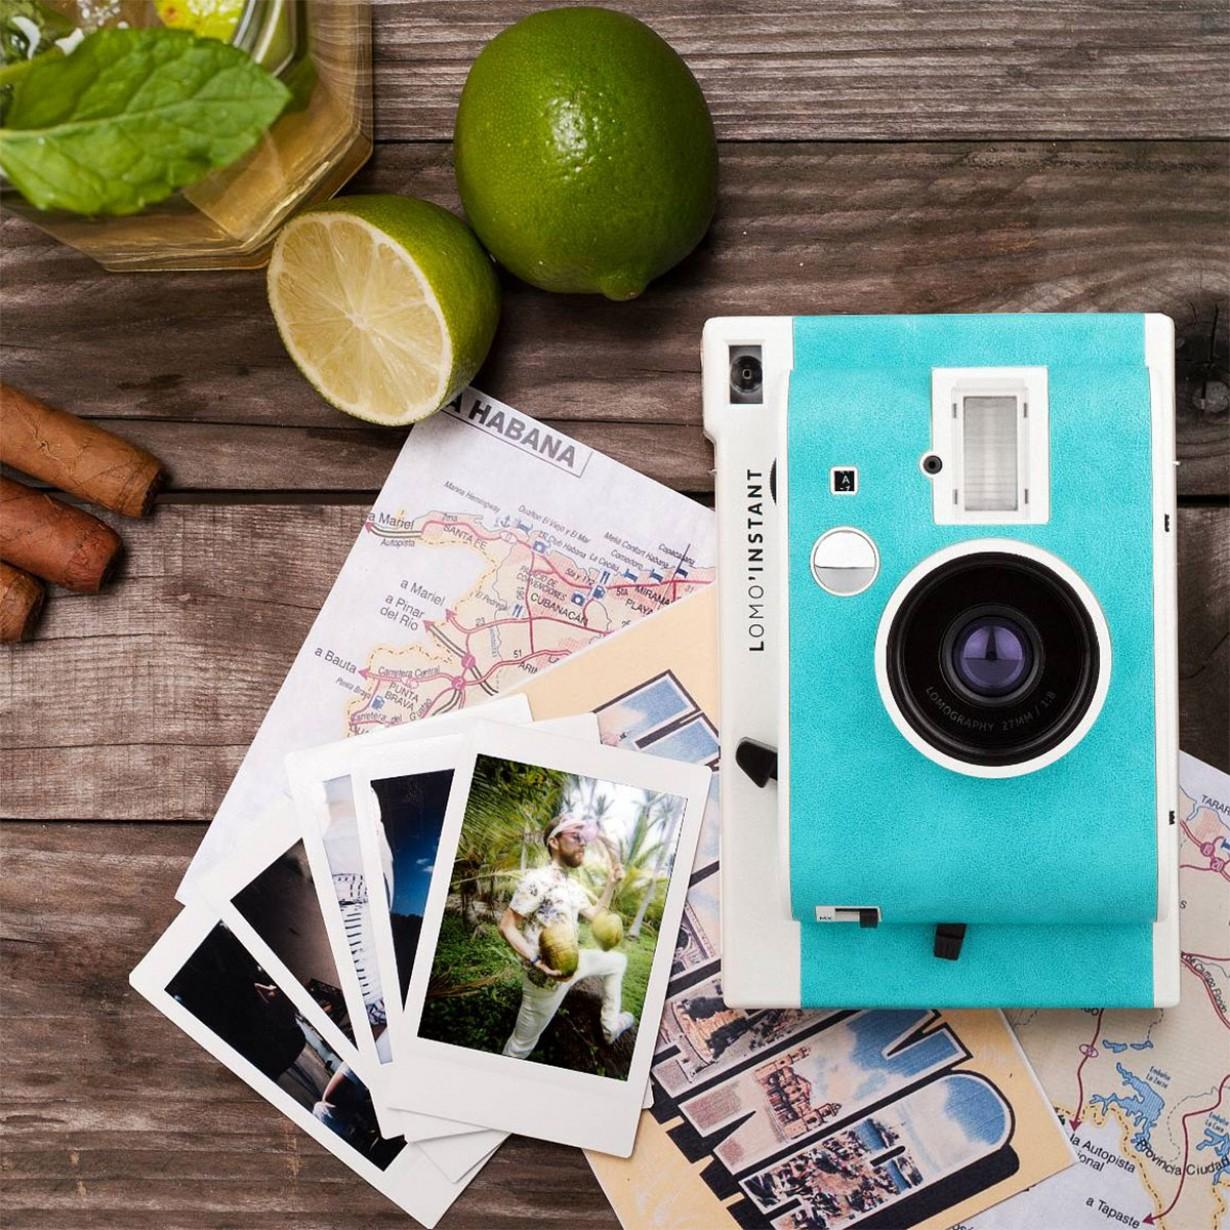 lomo-instant-camera-e85